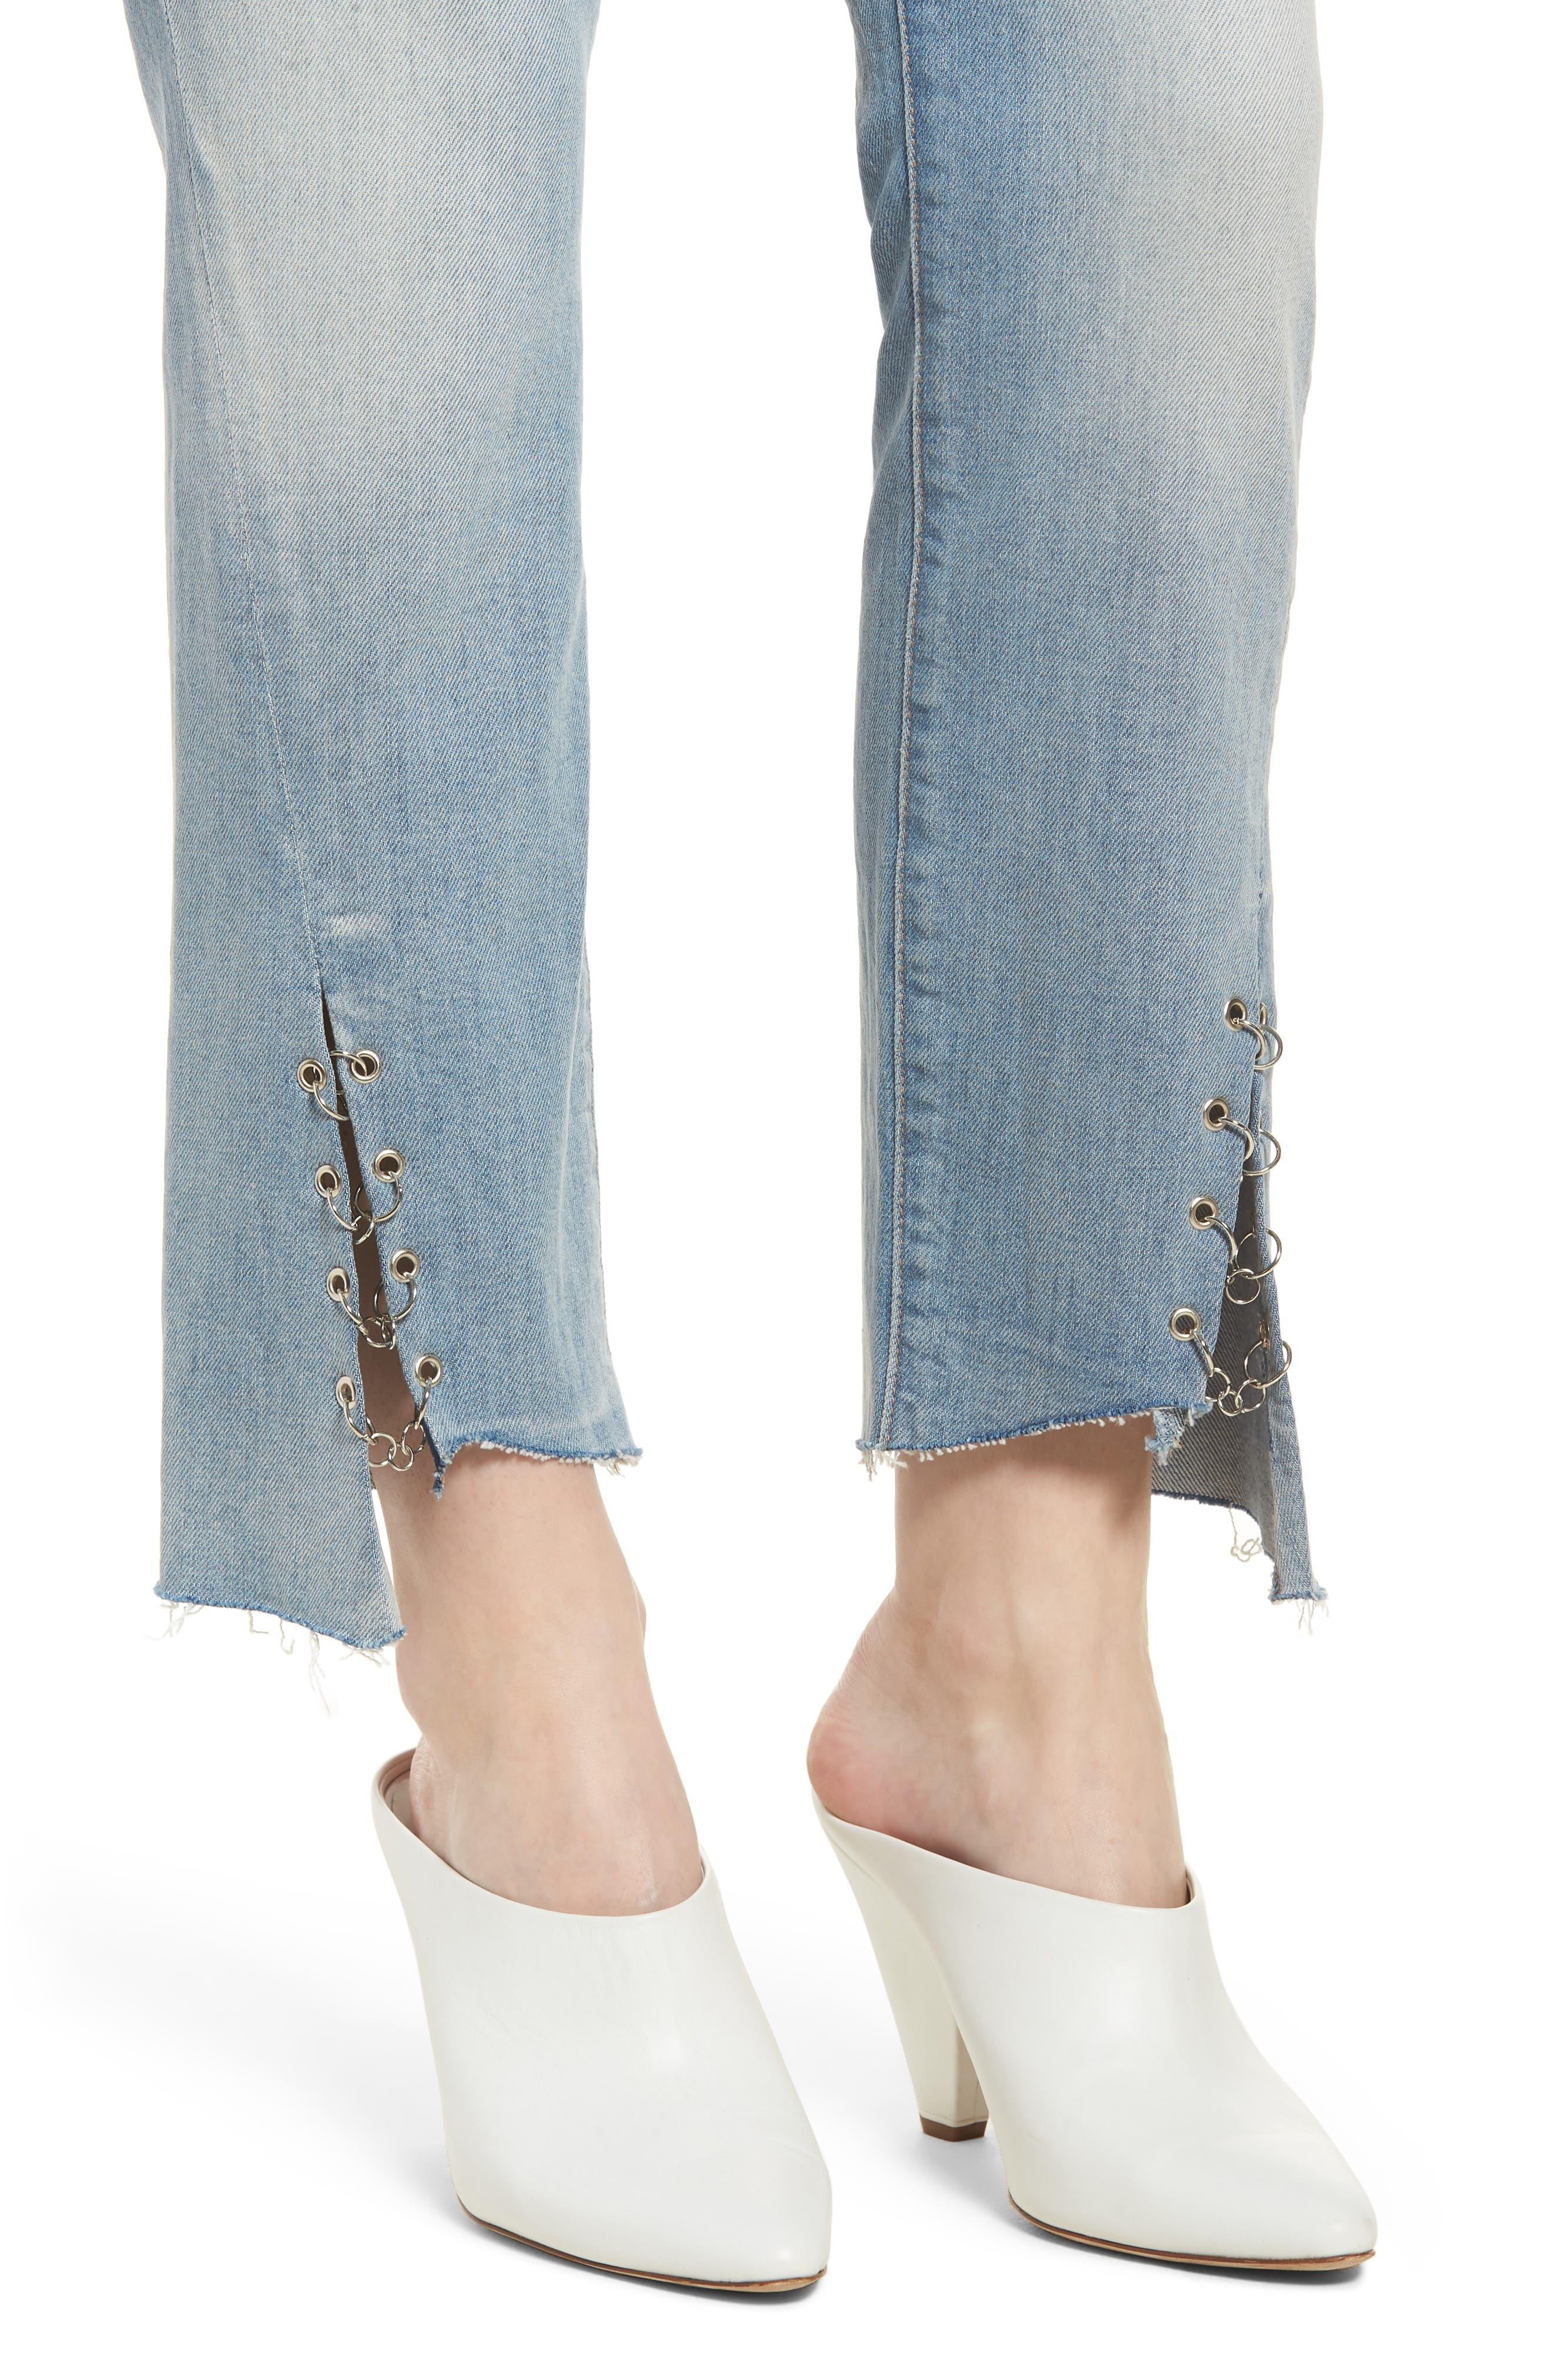 Edie Grommet & Rings Seam Crop Jeans,                             Alternate thumbnail 4, color,                             400